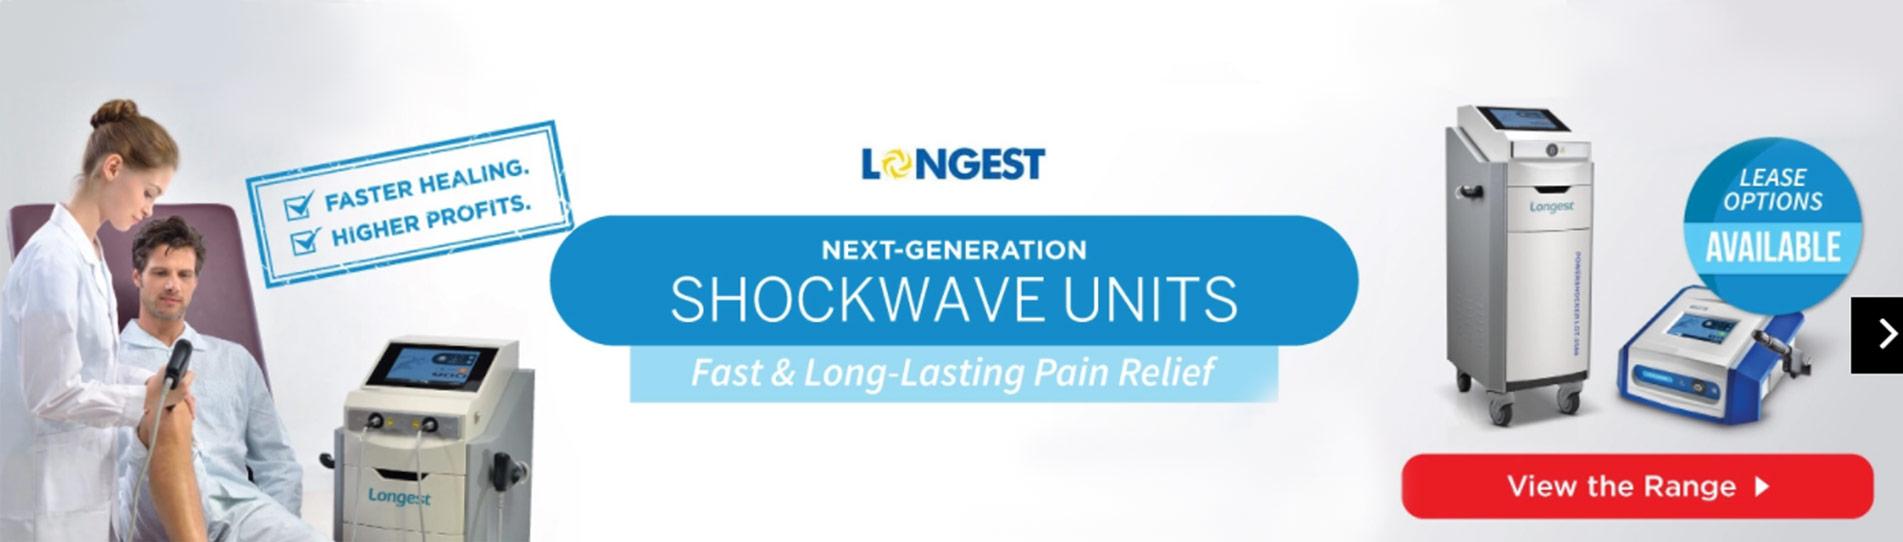 longest shockwave units